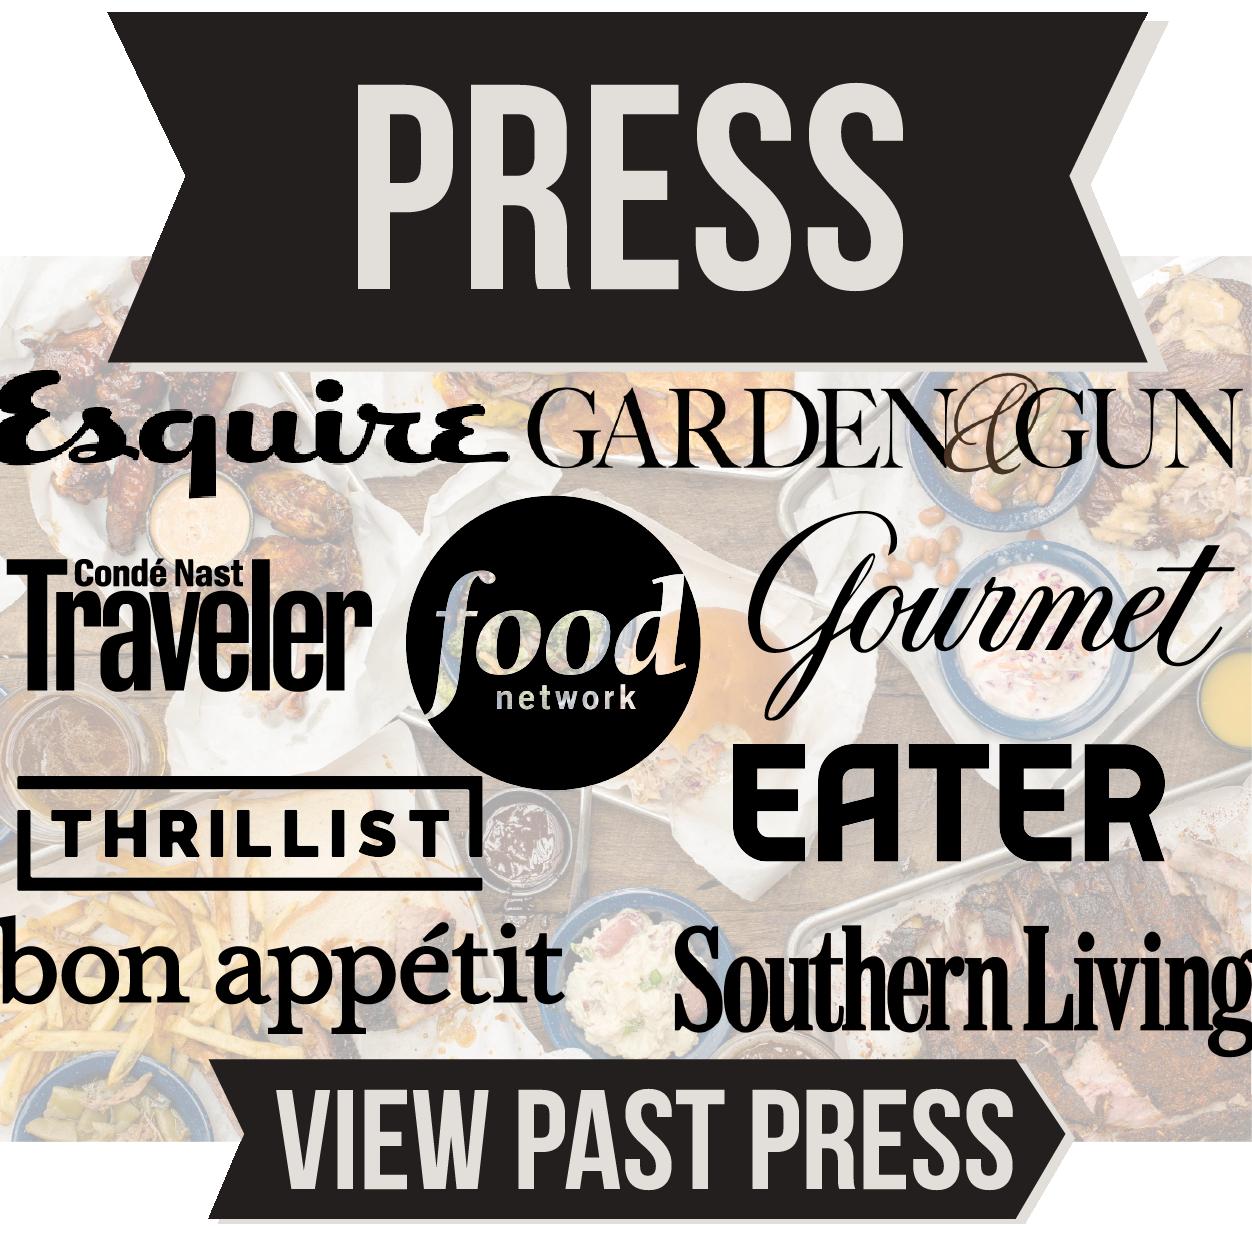 Martin's BBQ Press